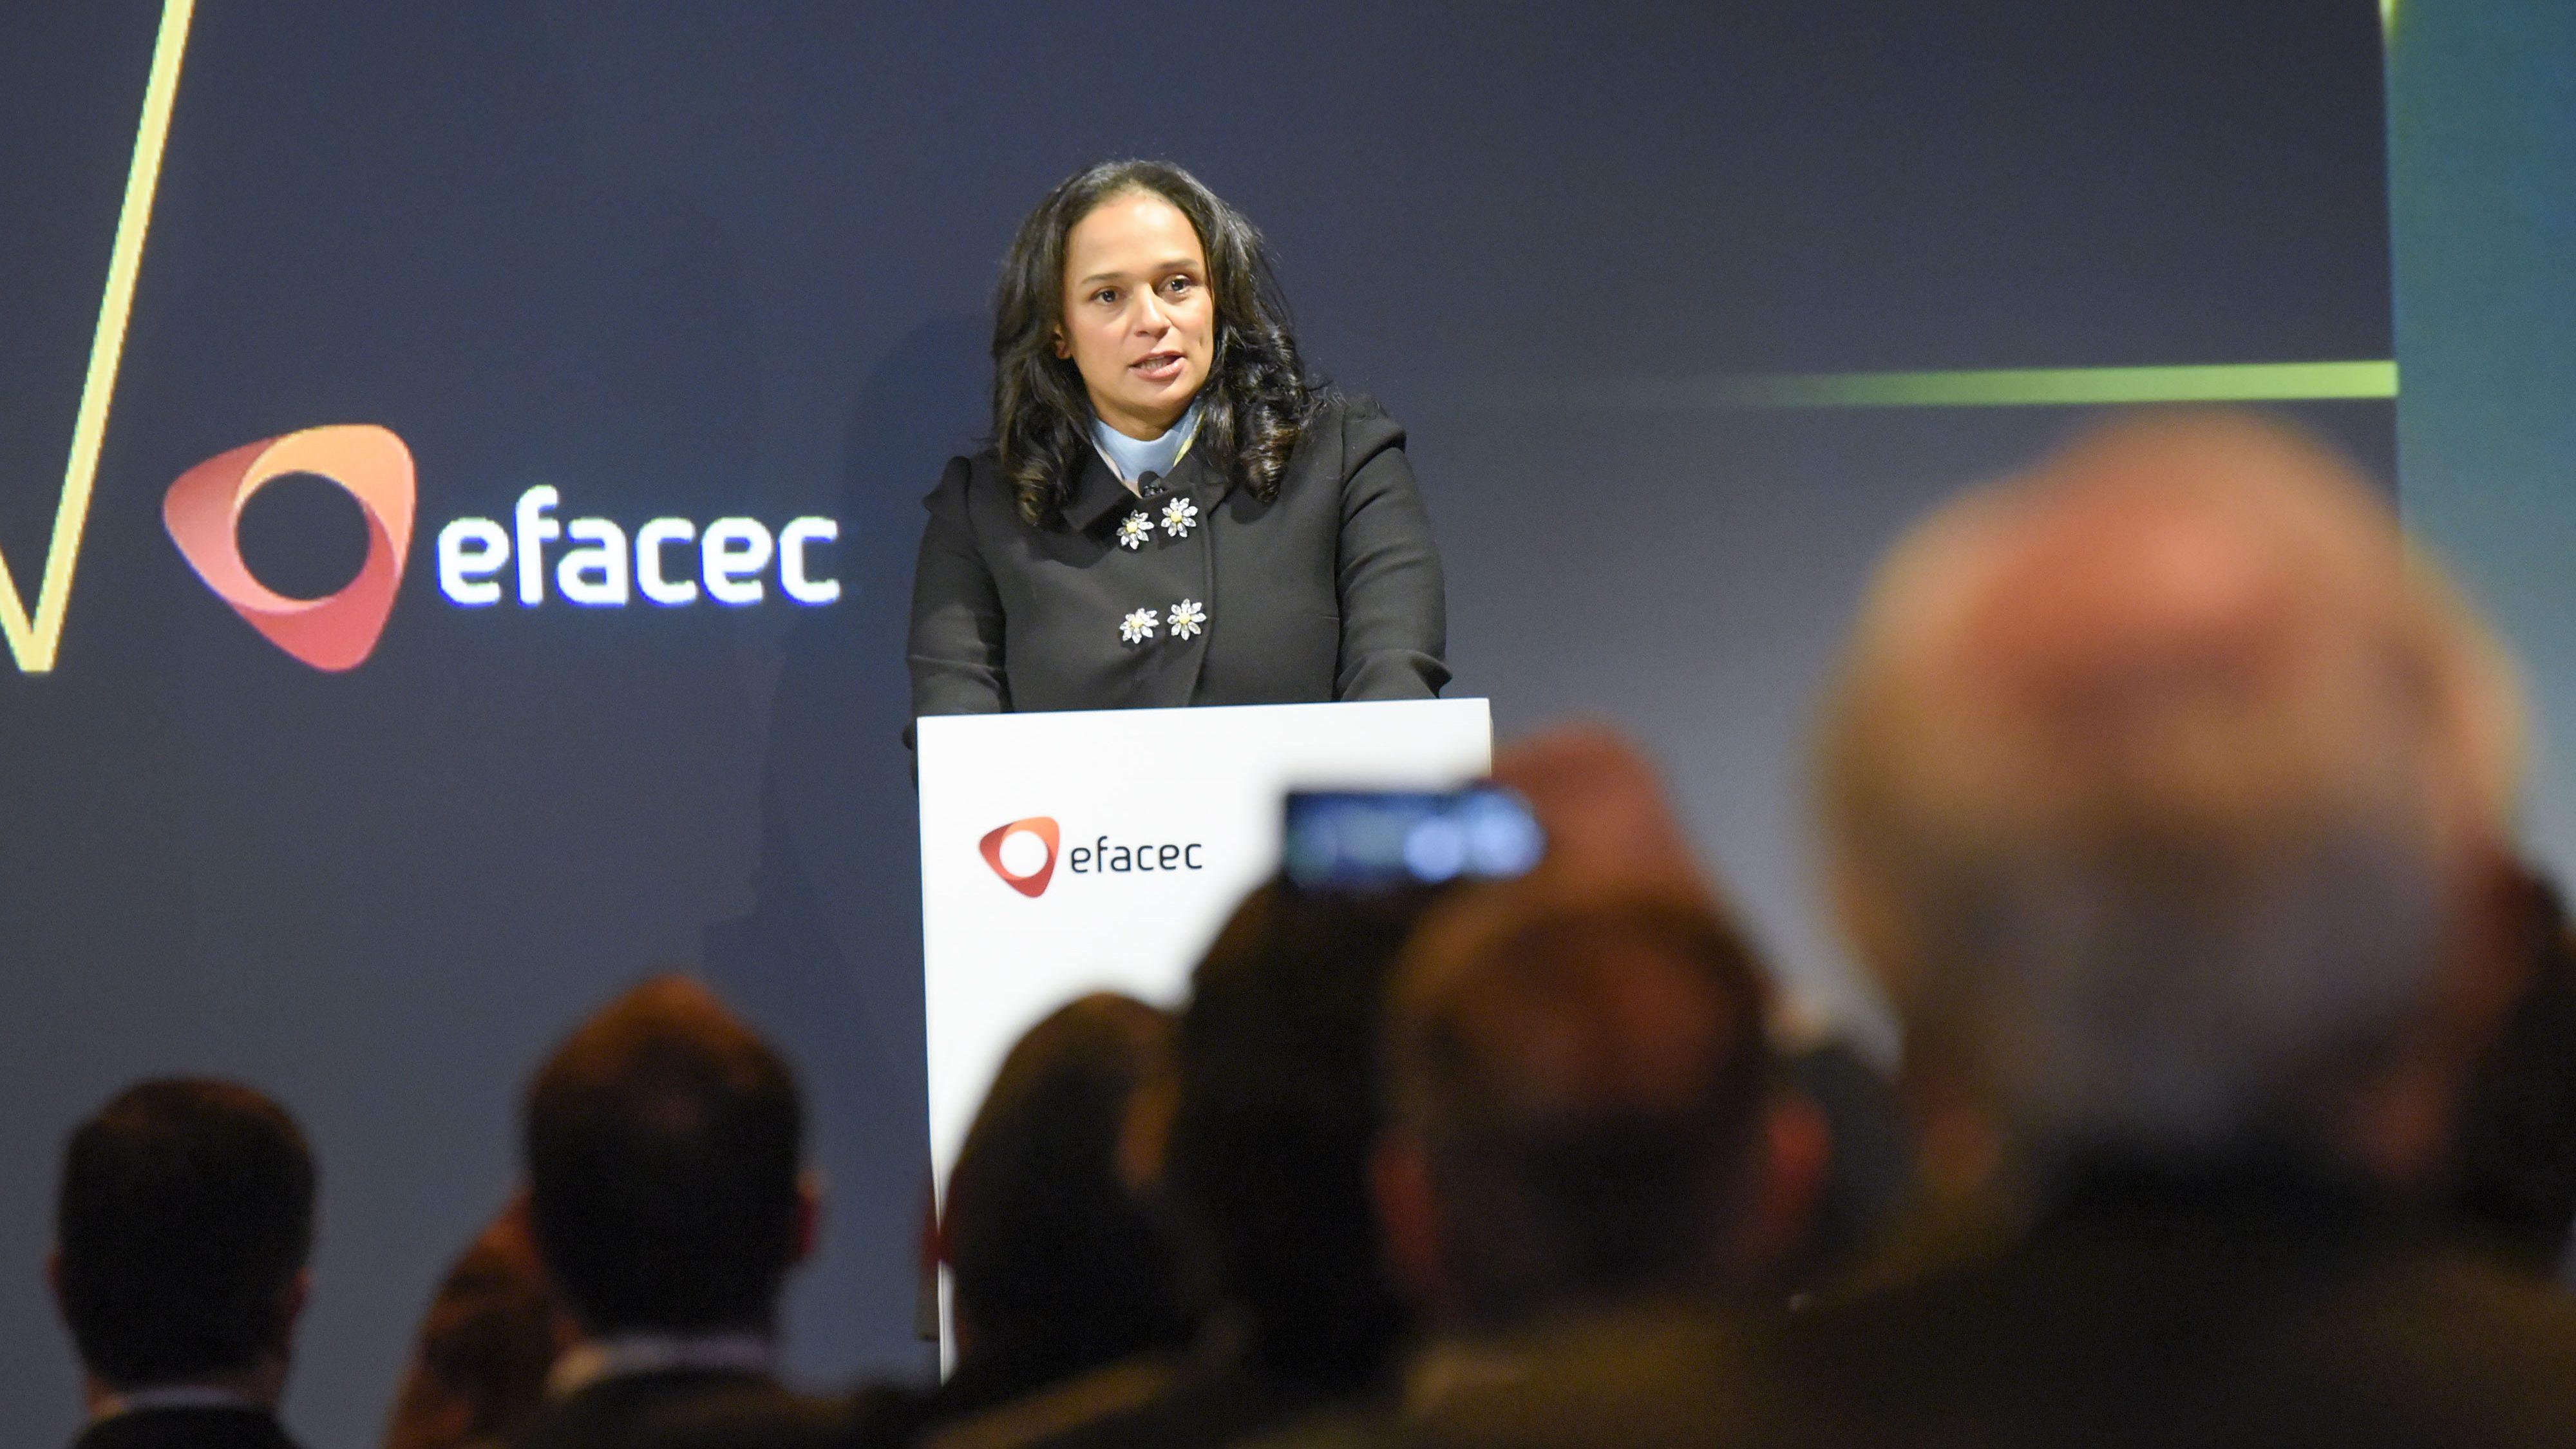 Ministro da Energia angolano confirma saída da ENDE da Efacec